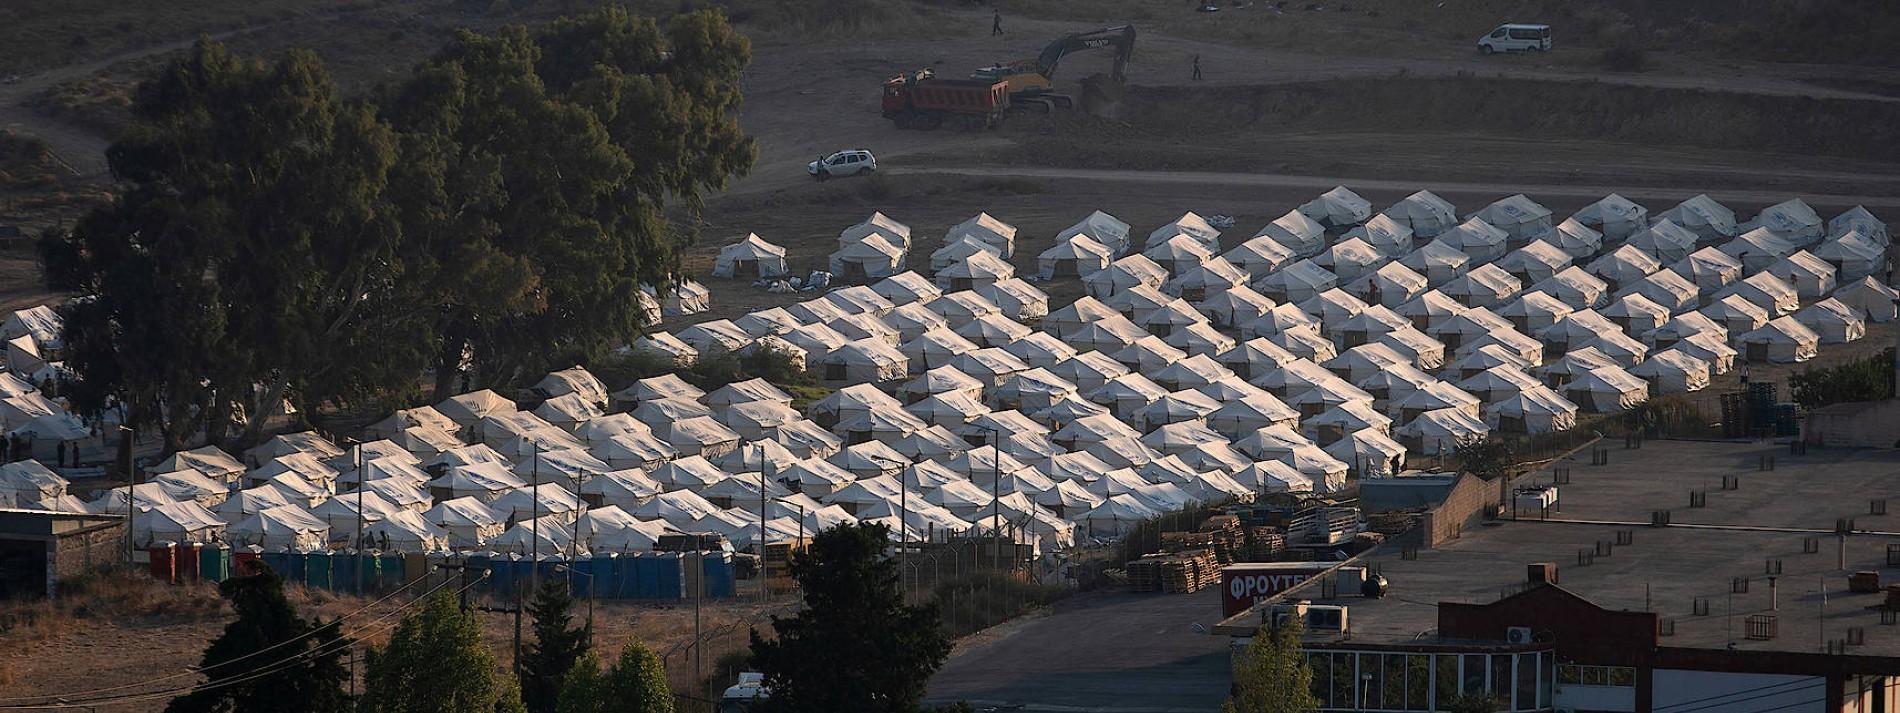 Neues Lager für Migranten auf Lesbos